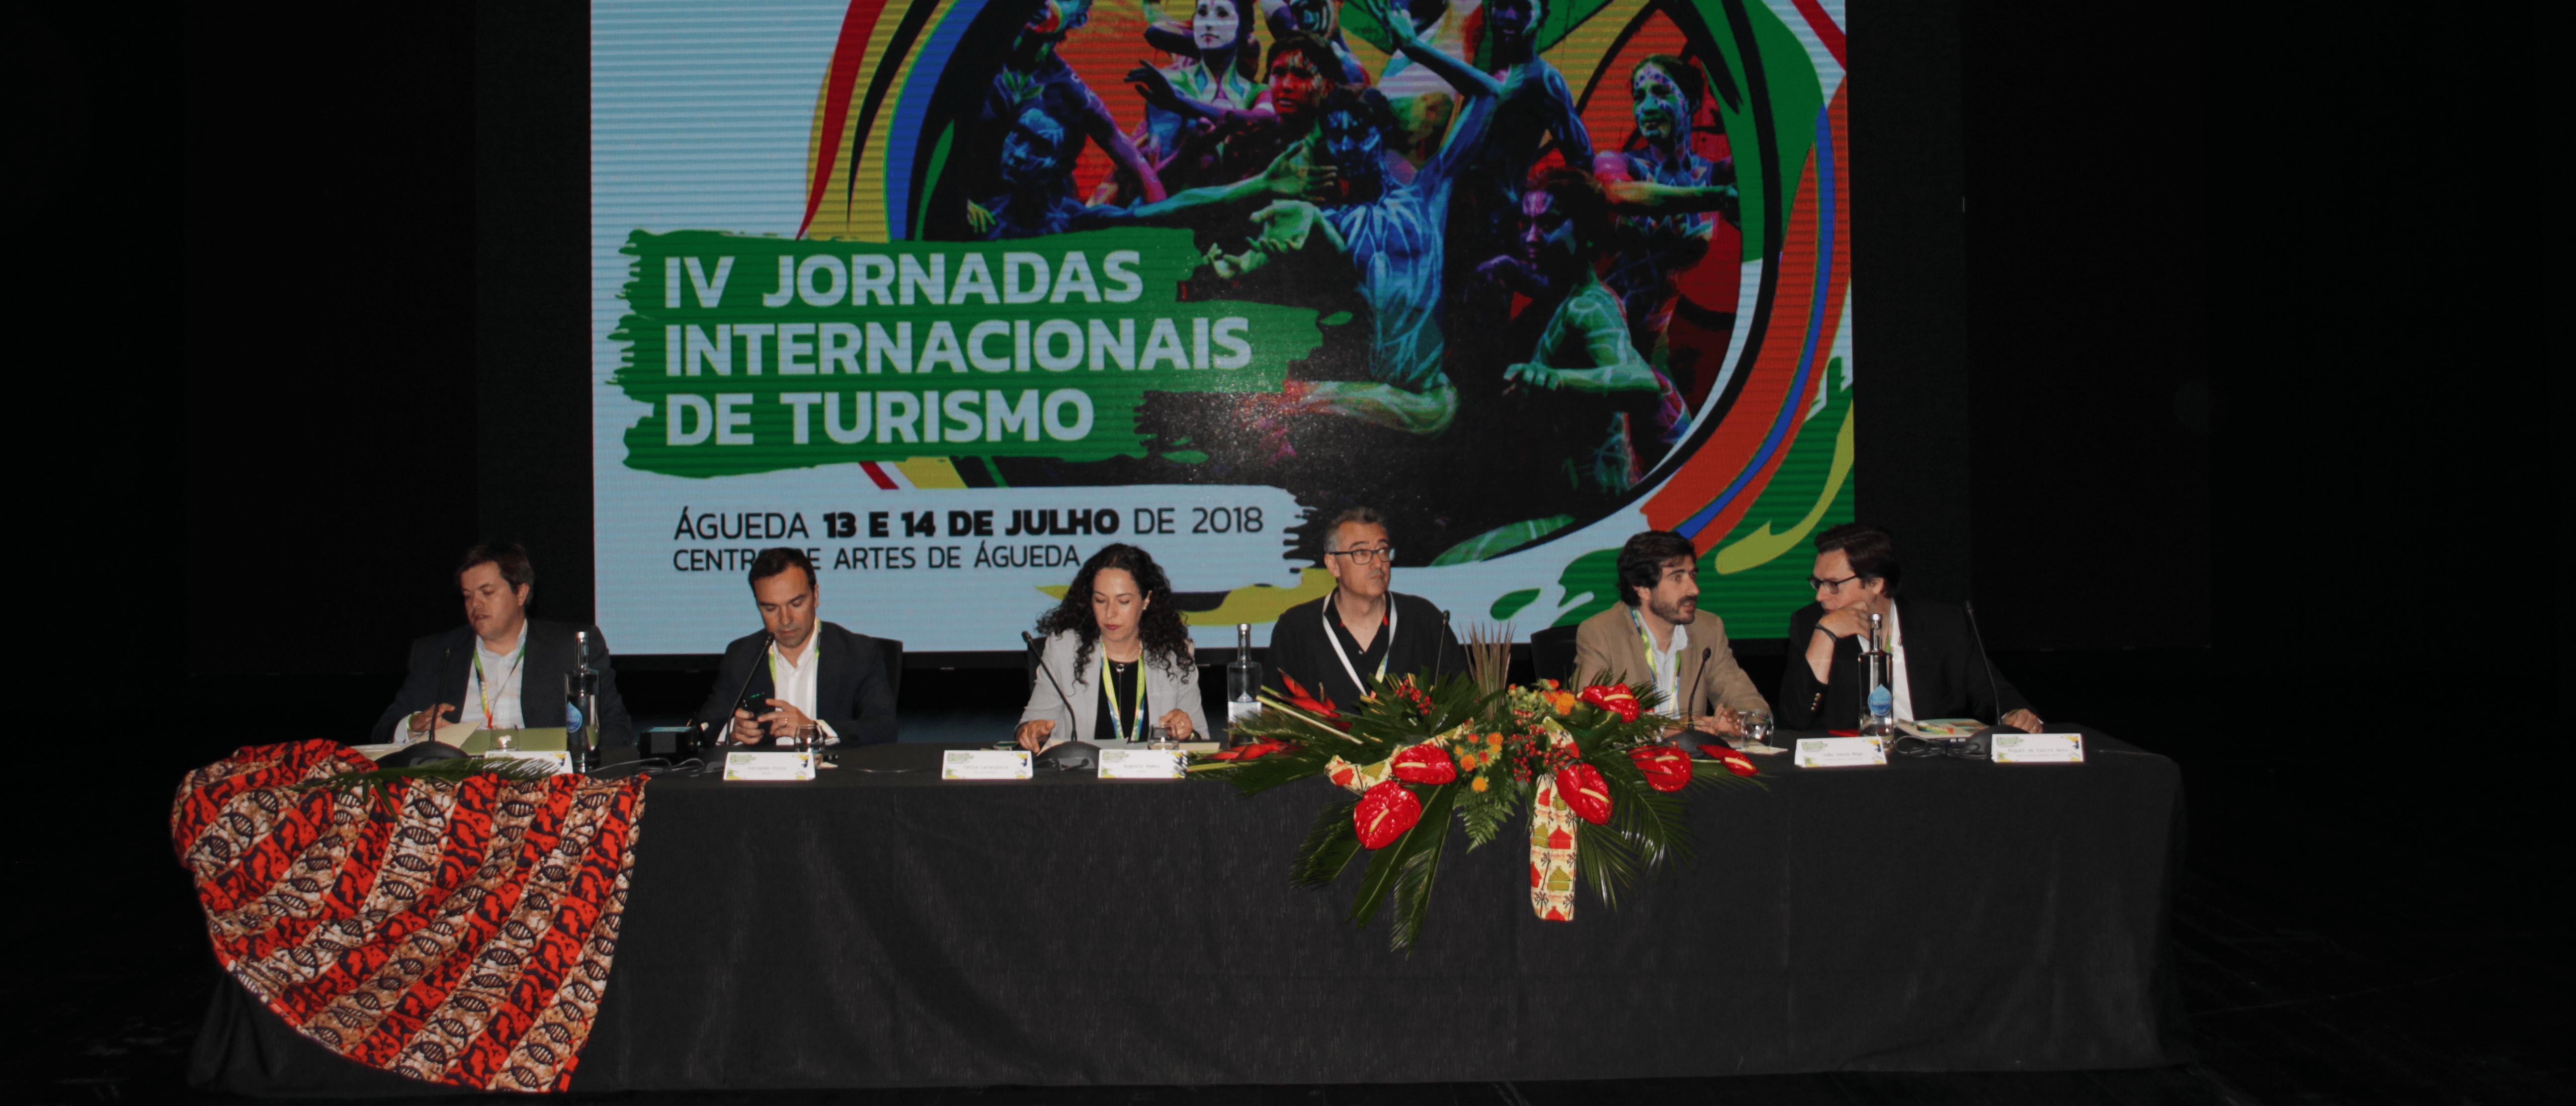 Jornadas Internacionais de Turismo – SMIITY